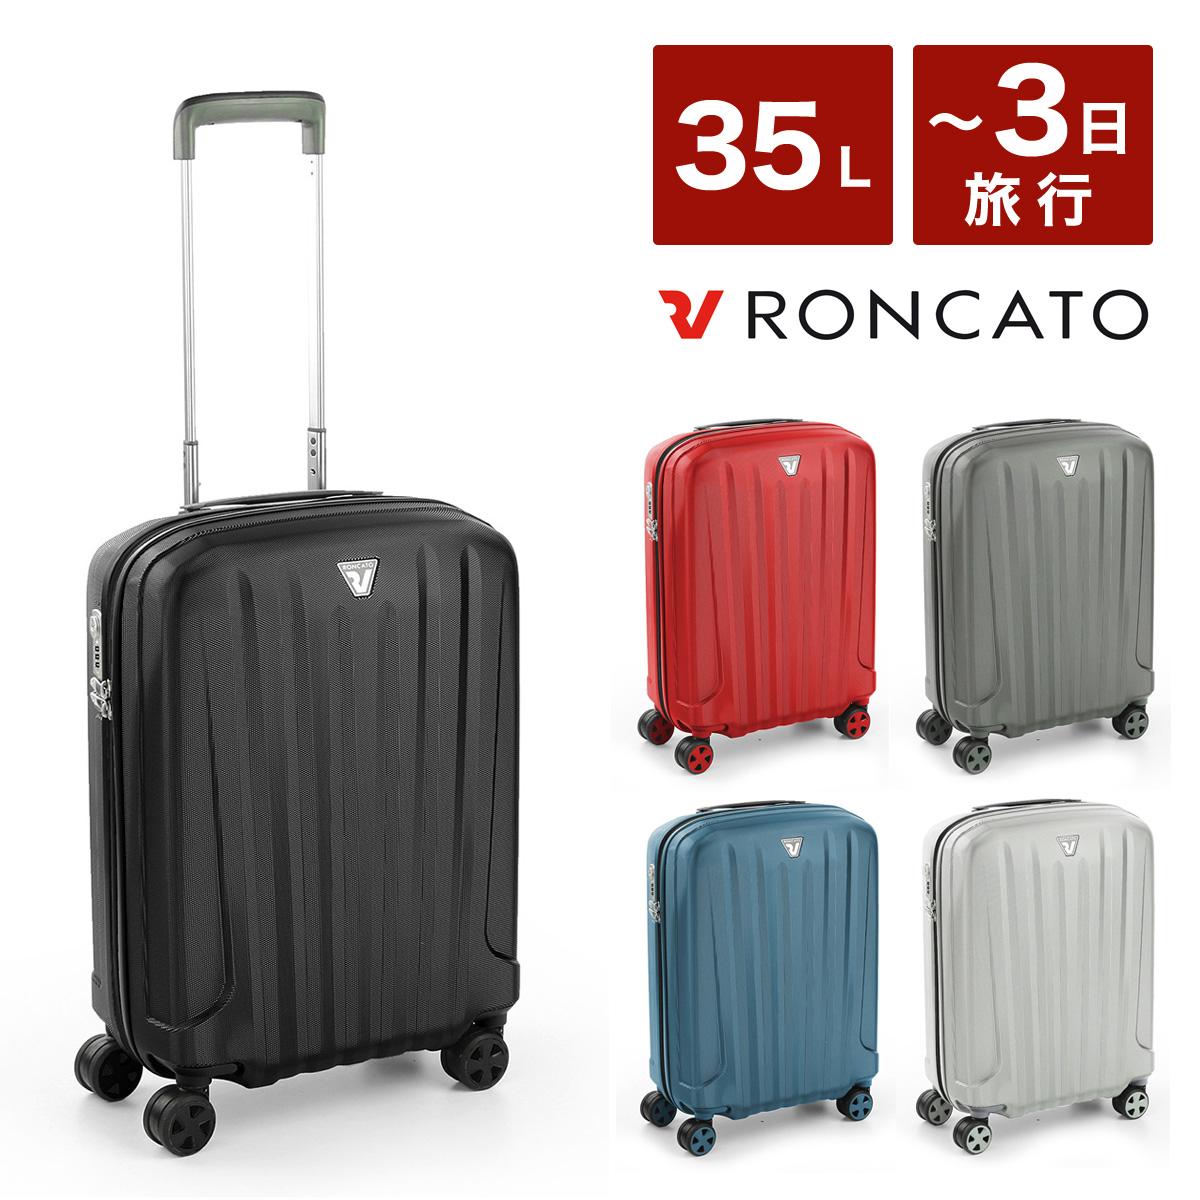 ロンカート スーツケース イタリア製 UNICA 5613 51cm RONCATO ユニカ ハード キャリーケース 軽量 機内持ち込み TSAロック搭載 10年保証[PO10][bef]